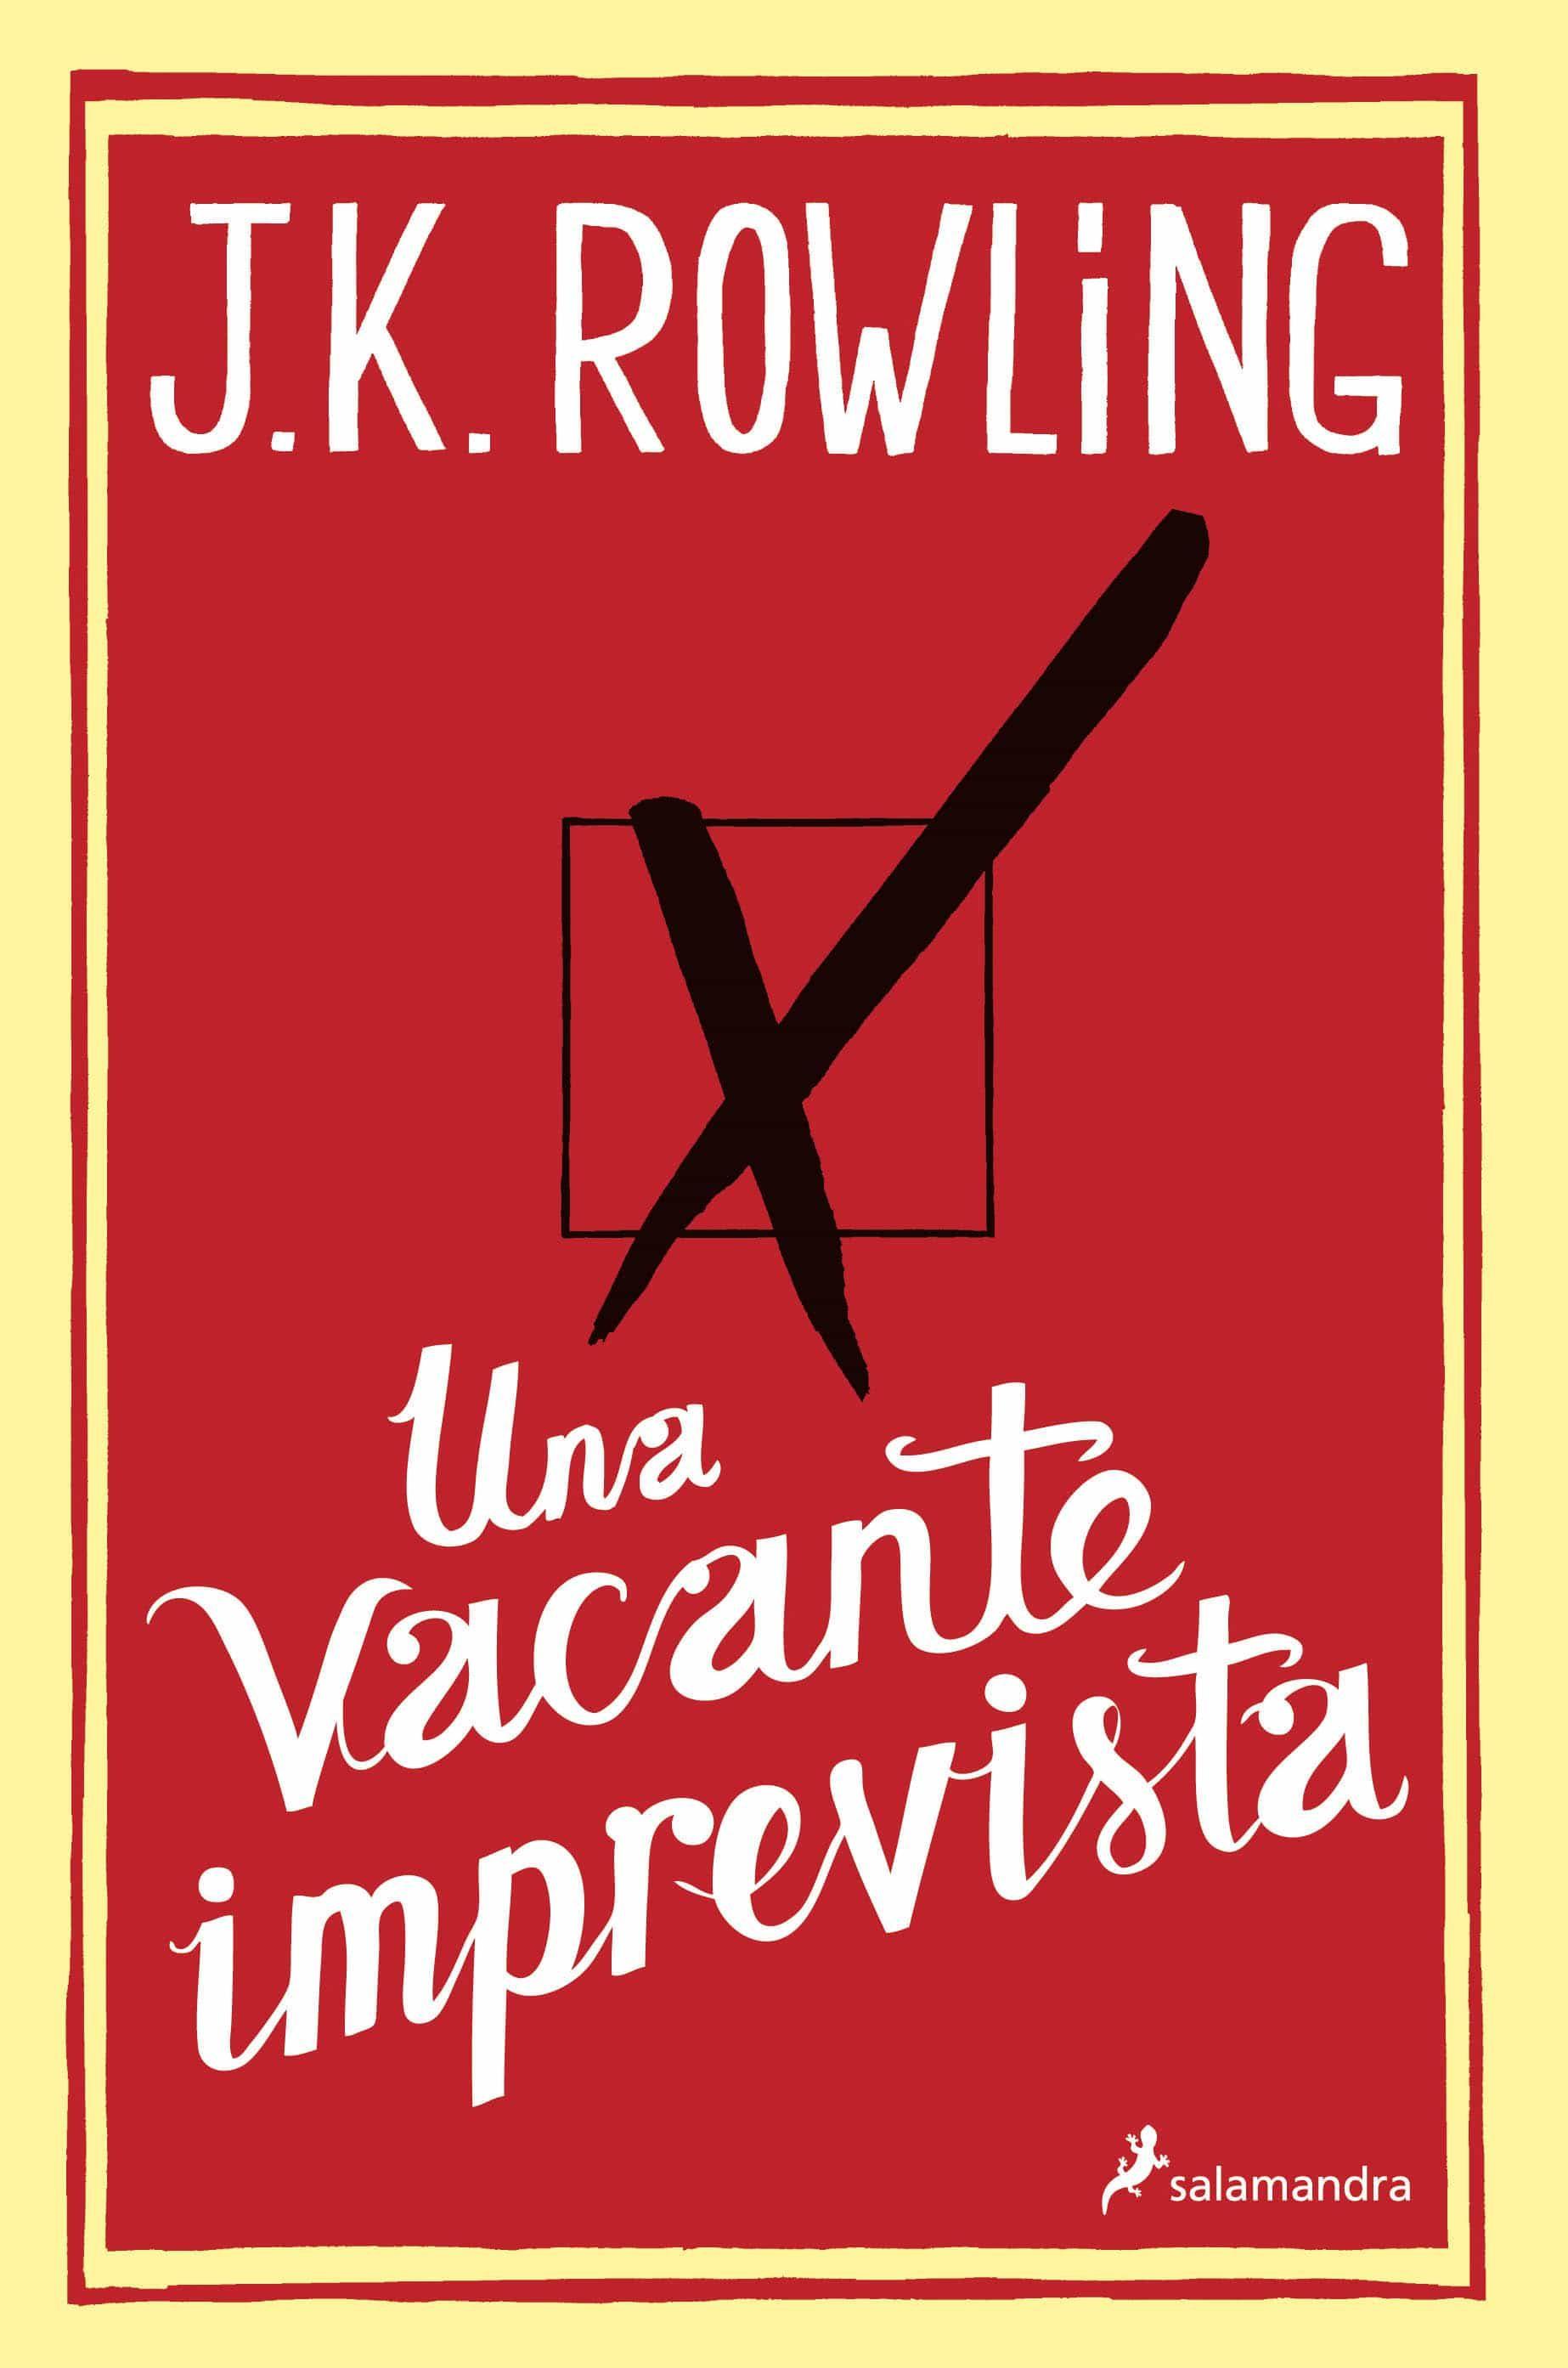 """NUEVO LIBRO > """"The Casual Vacancy"""" J.K Rowling Una-vacante-imprevista-9788498384925"""